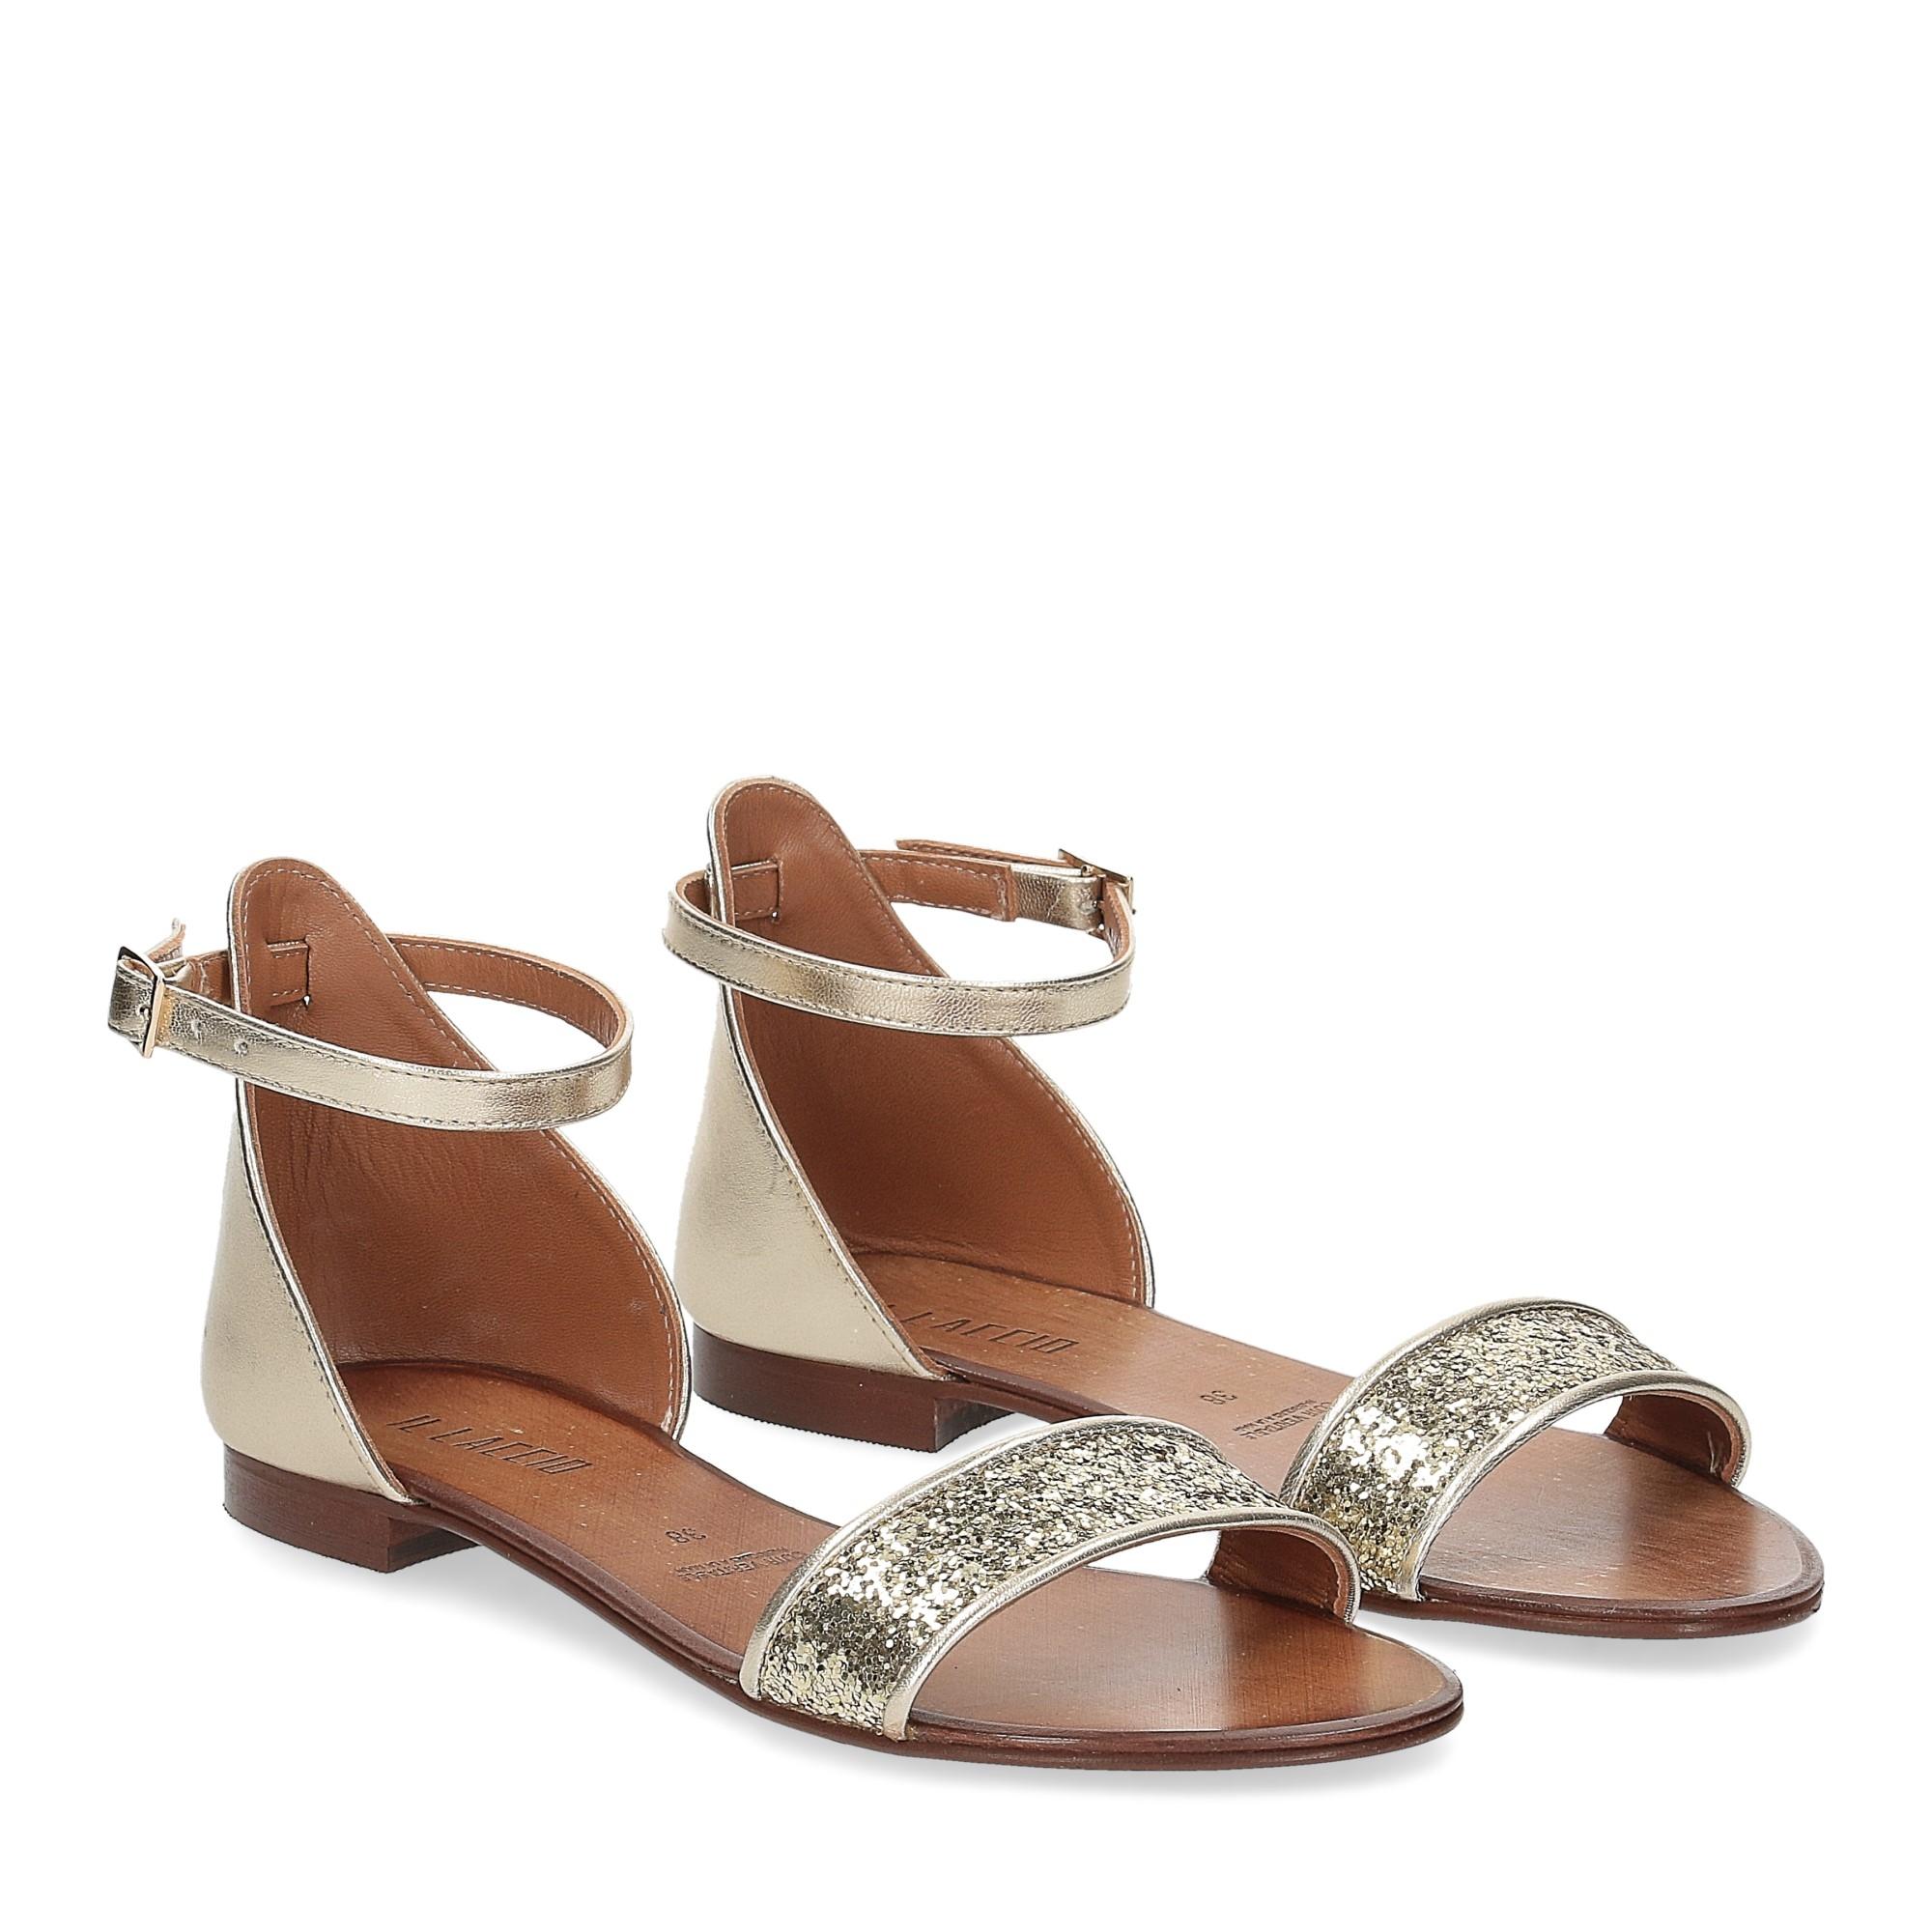 Il laccio sandalo pelle laminata